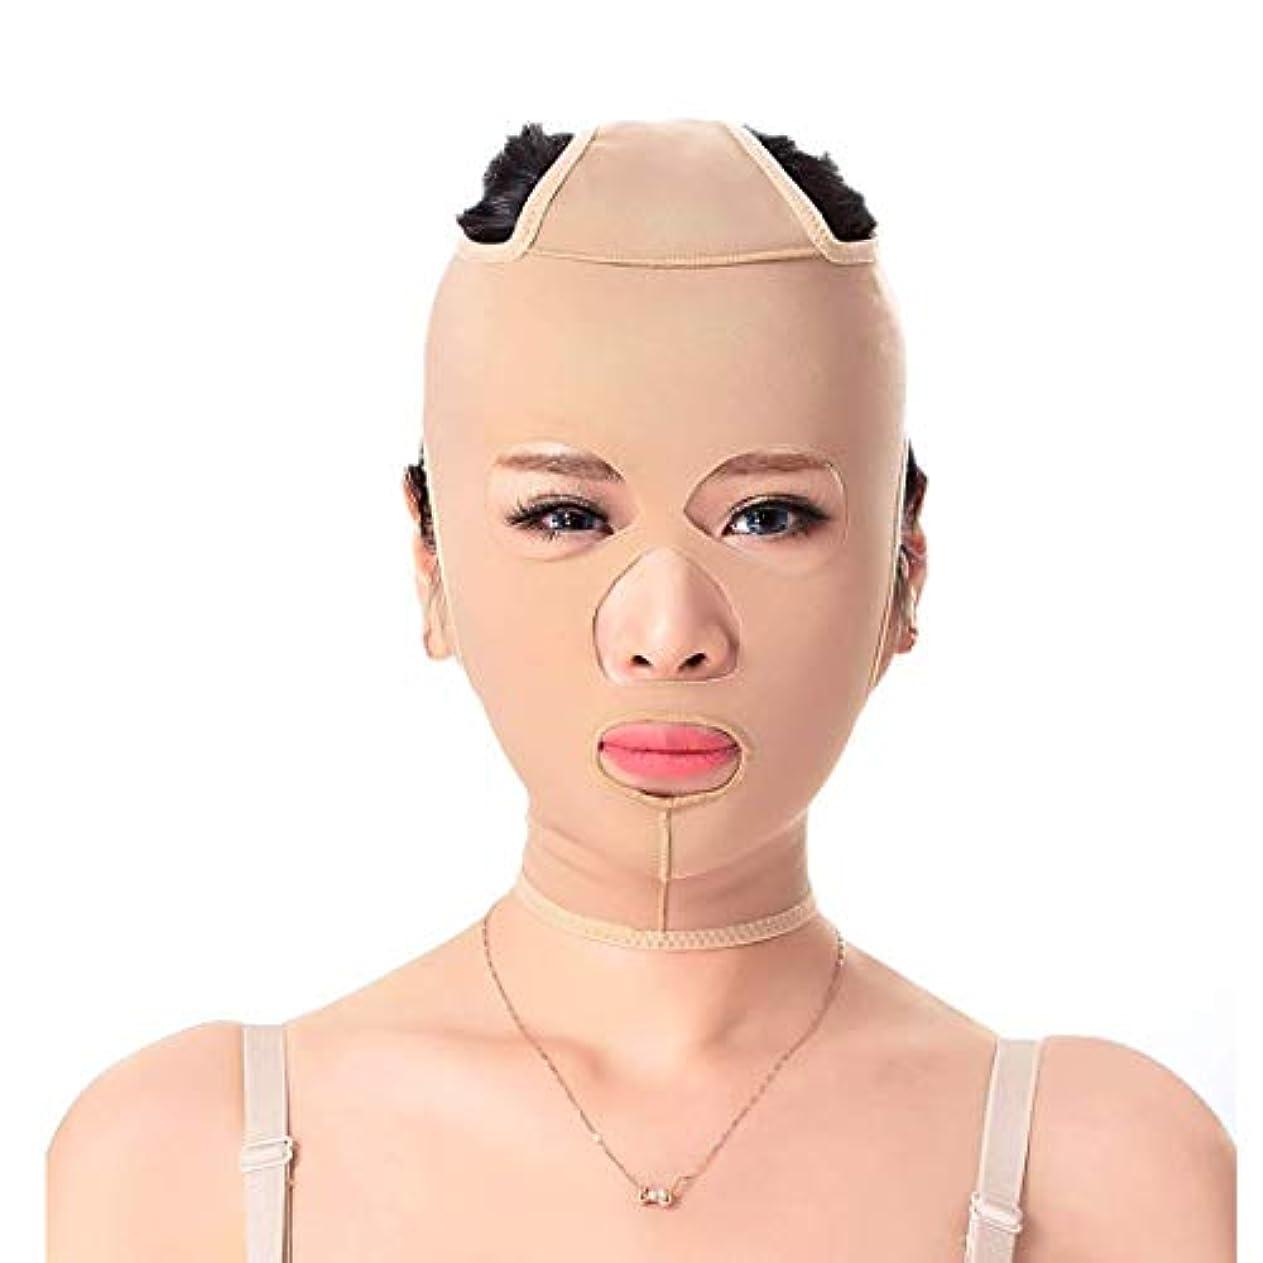 権限を与える前書きうぬぼれスリミングベルト、二重あごの引き締め顔面プラスチック顔アーティファクト強力な顔の包帯を脇に持ち上げるパターンを欺くためのフェイシャルマスク薄いフェイスマスク(サイズ:XXL),ザ?